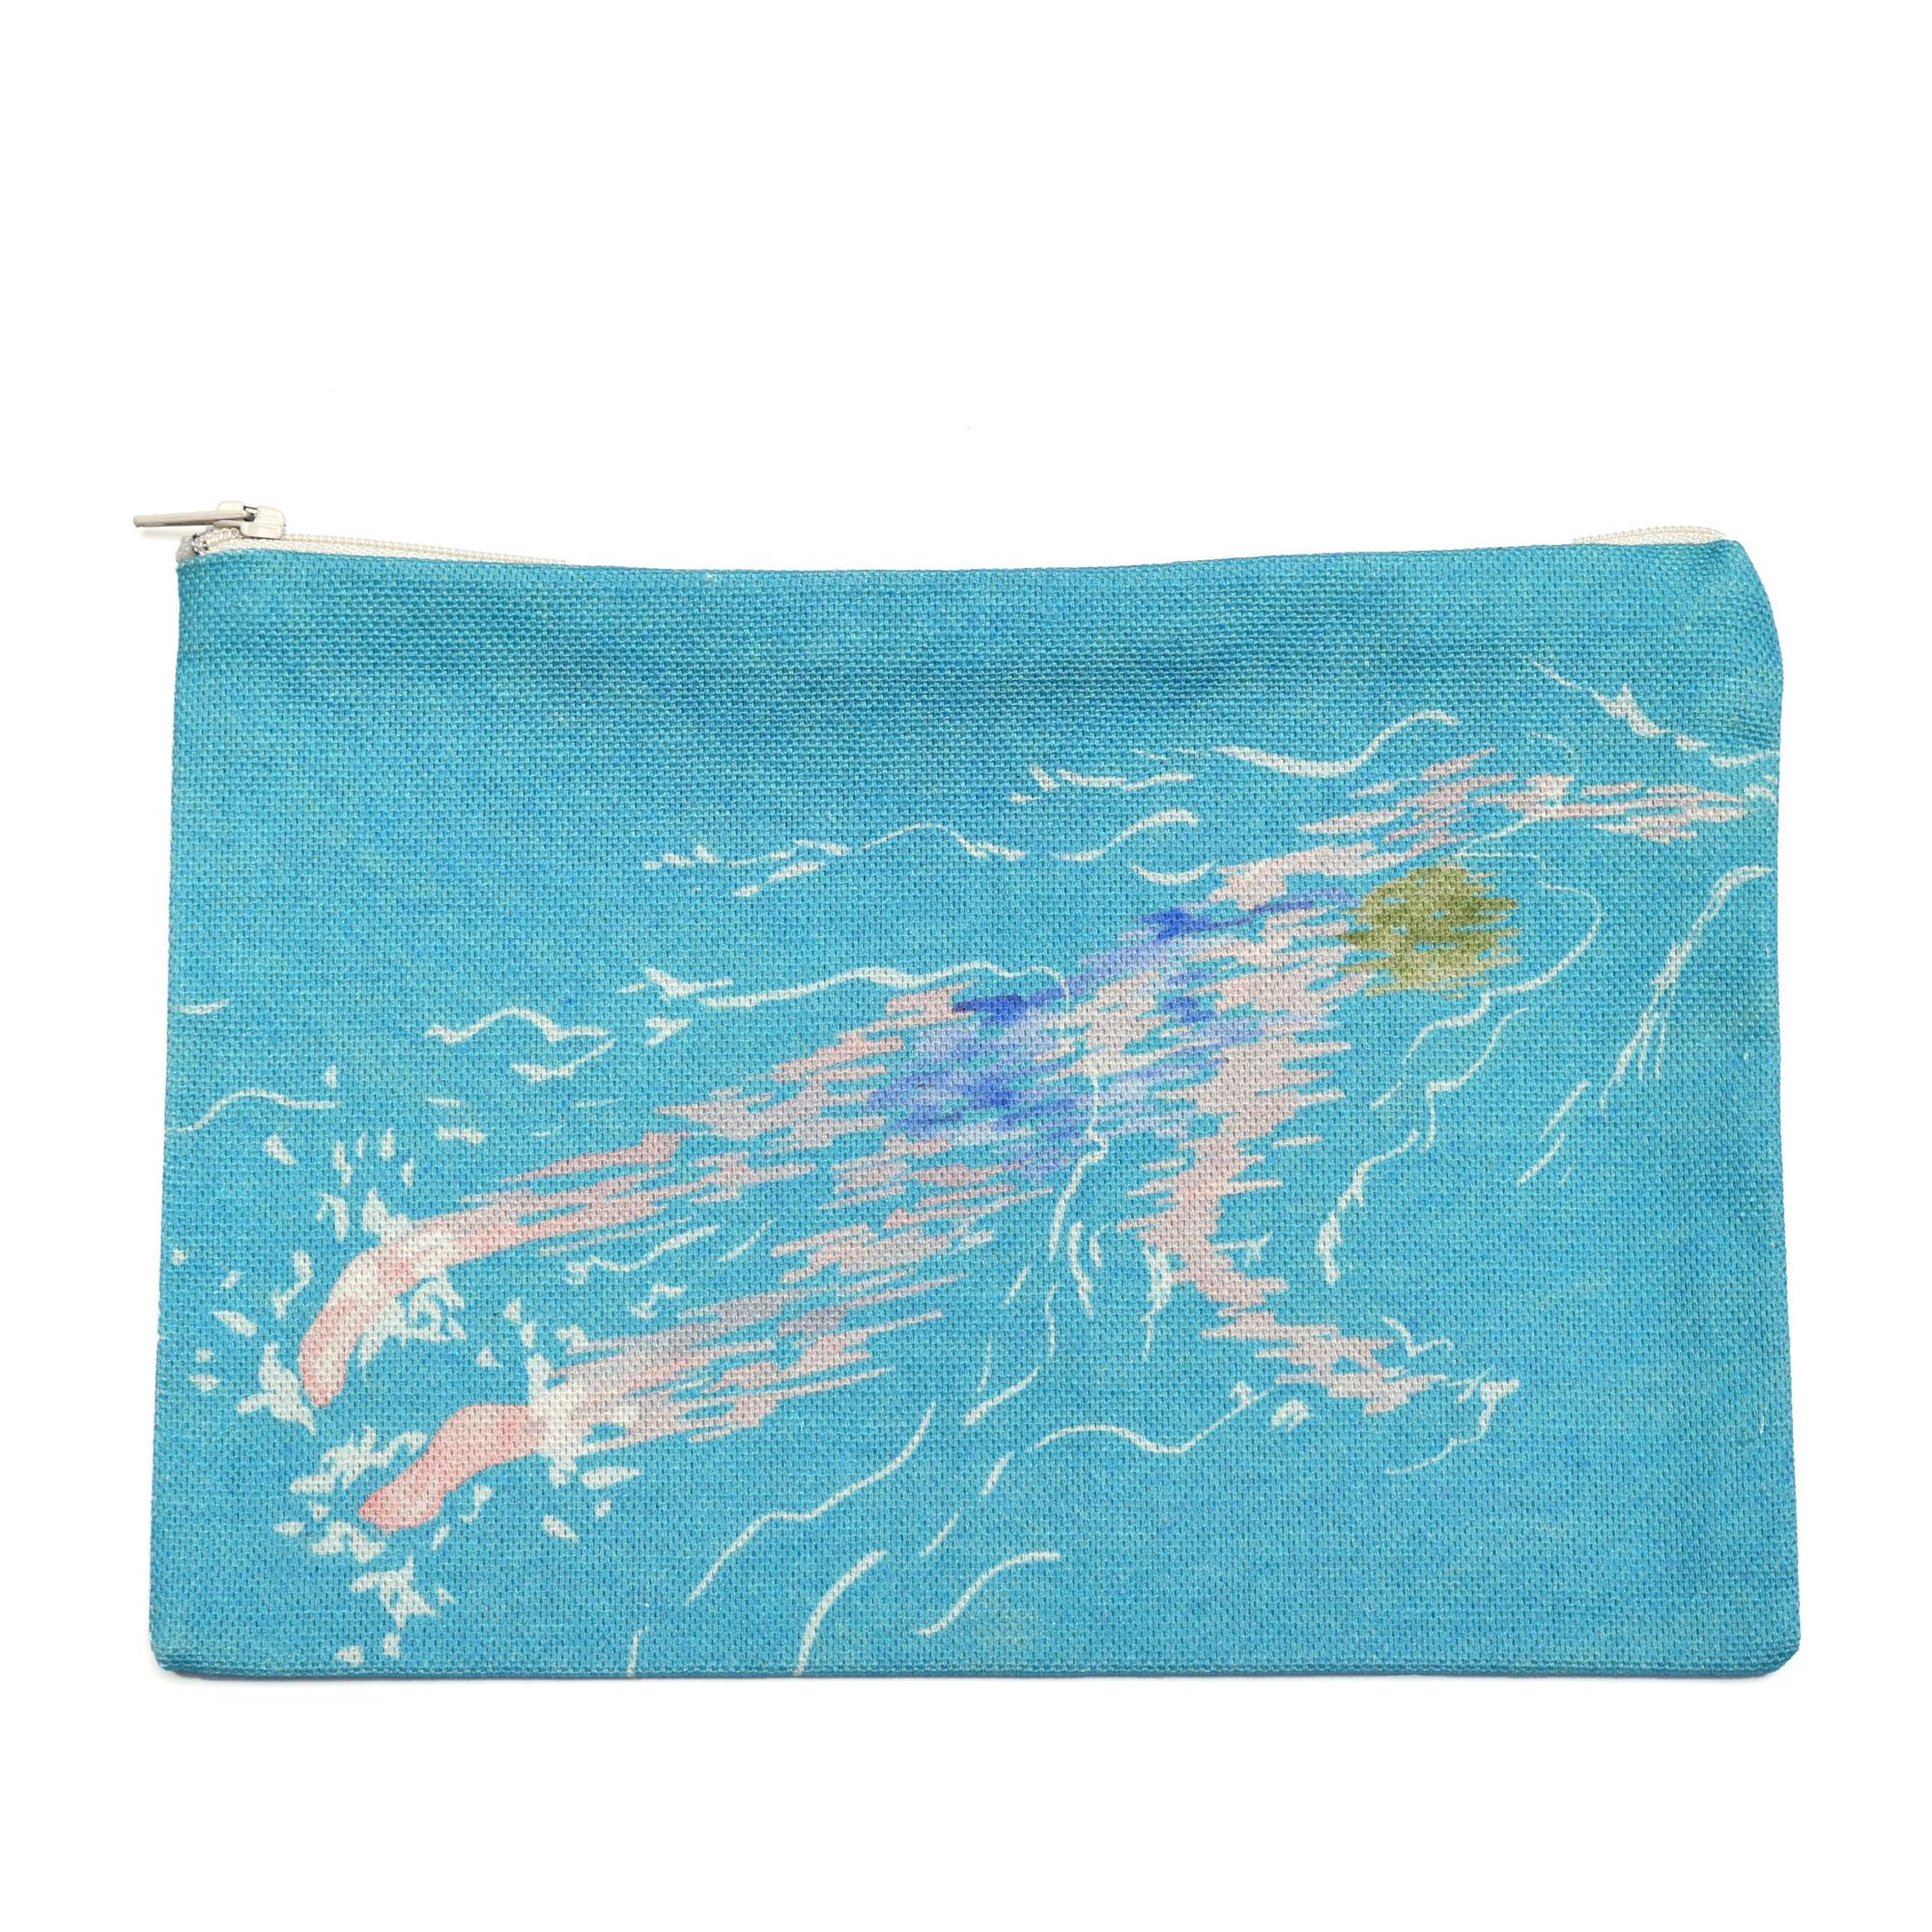 pochette à zip en tissu avec une paire de lunettes de soleil et une photographie argentique noir et blanc. Le motif sur la pochette représente une nageuse avec un maillot de bain bleu sur fond bleu